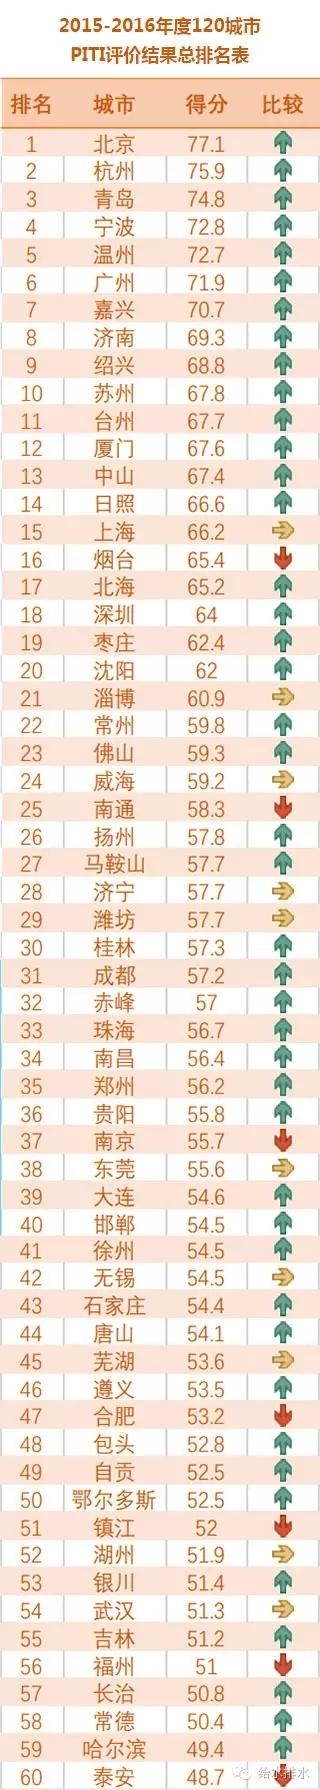 120城污染监管信息公开大考:99城不及格 来看有你家吗?